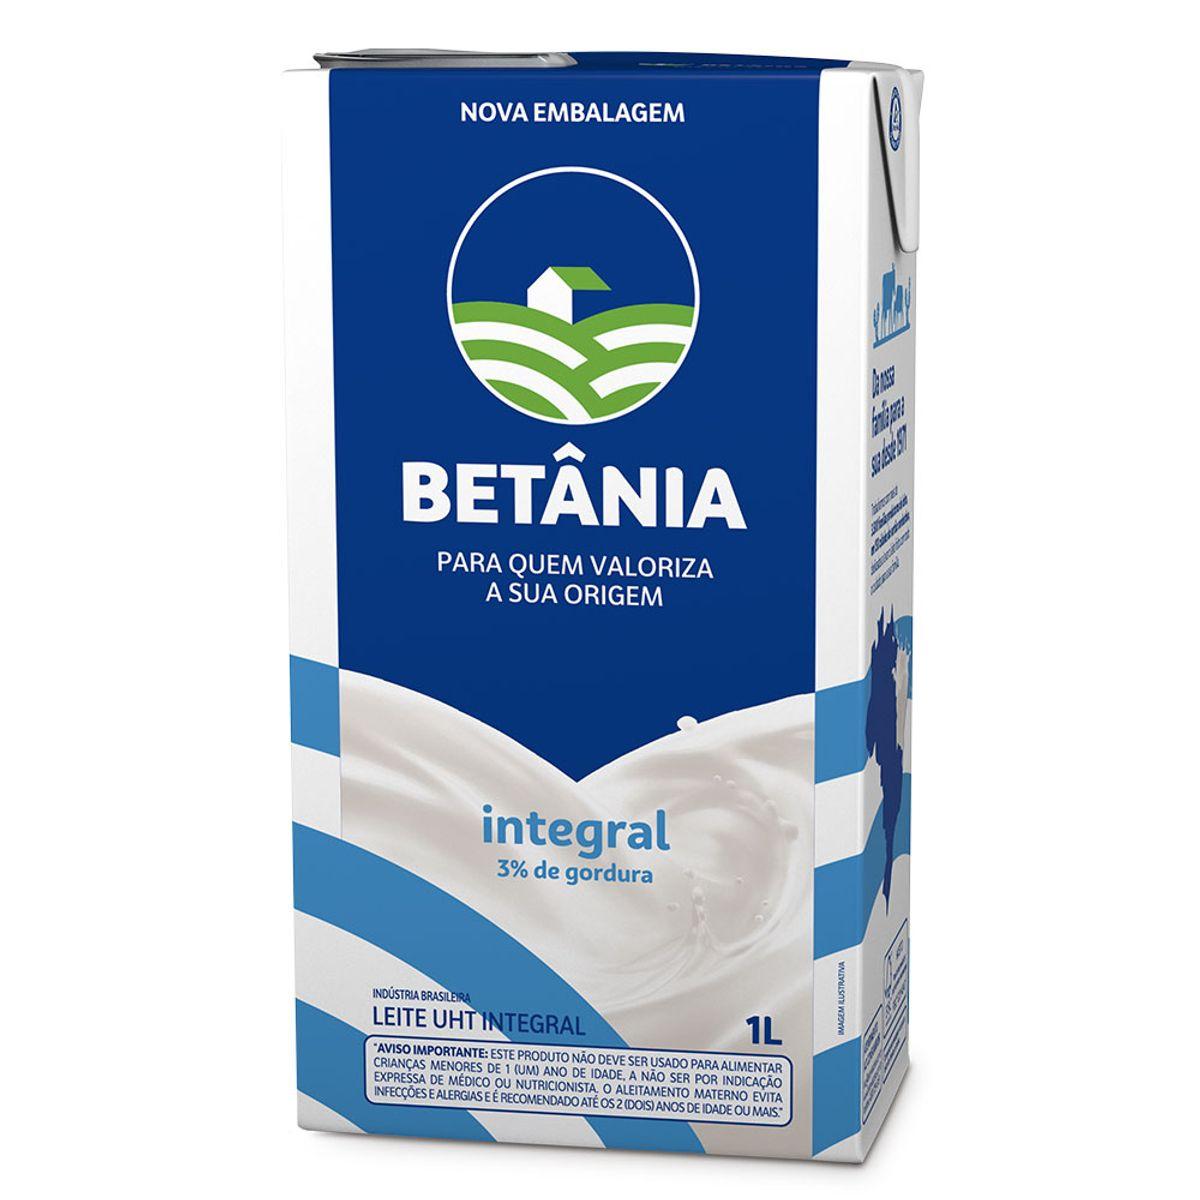 LEITE UHT BETANIA INTEGRAL 12X1L